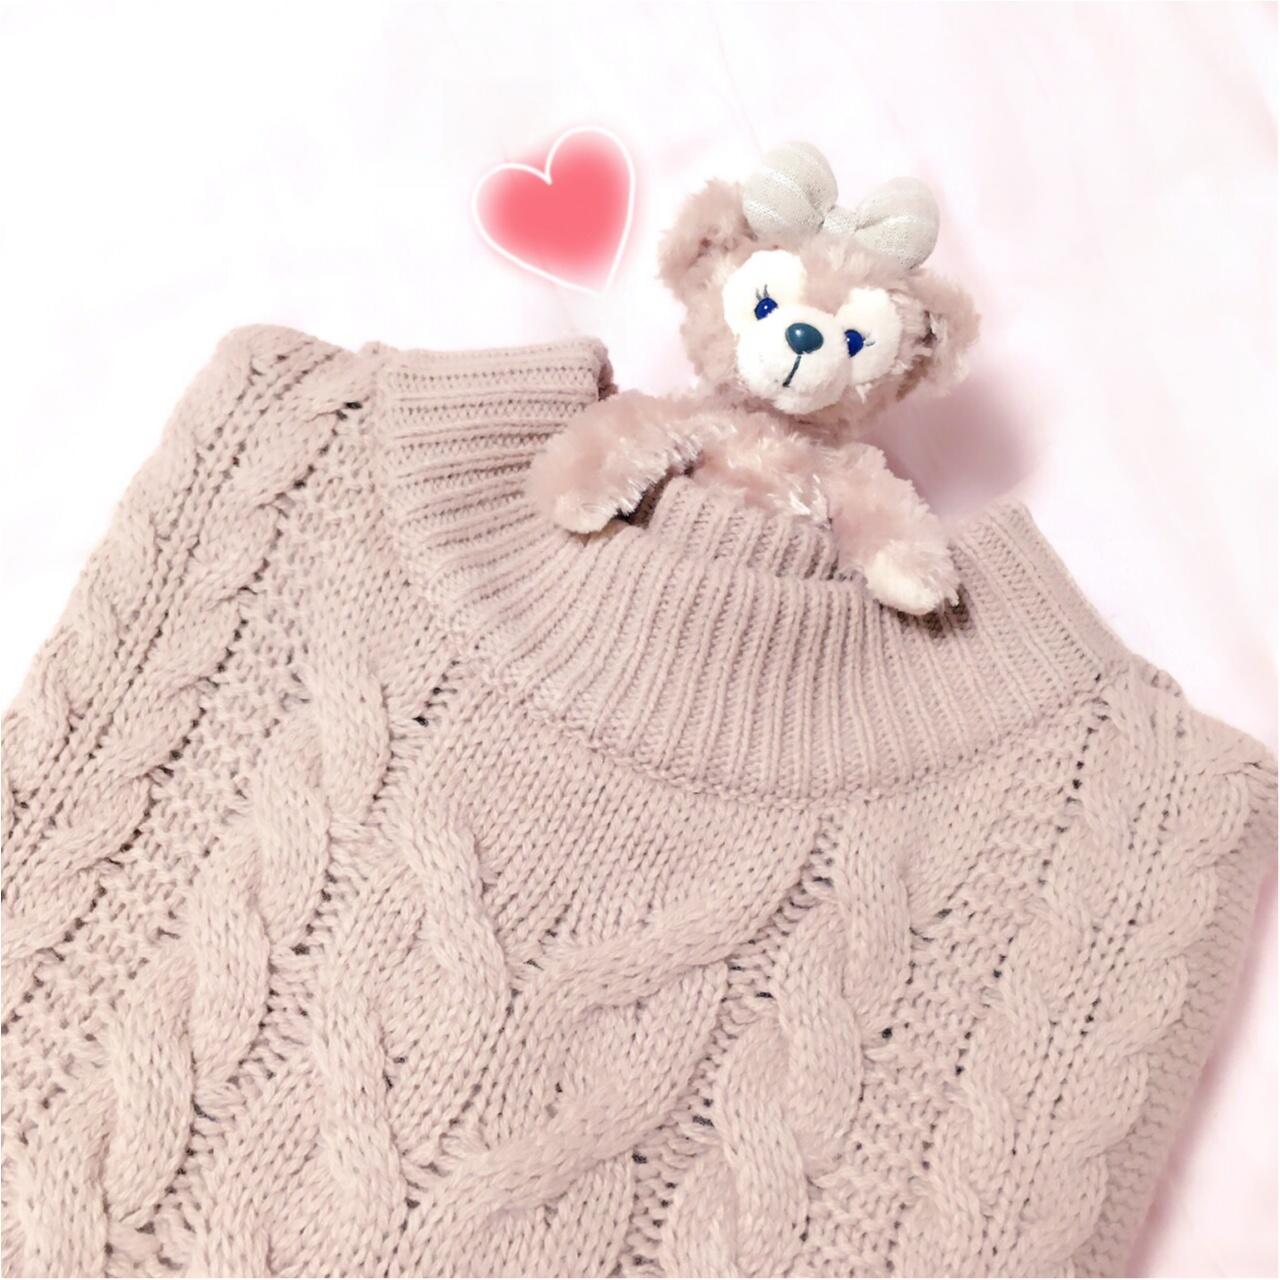 【ユニクロ】の【ケーブル編みニットワンピ】で寒い冬もあったかく♡_1